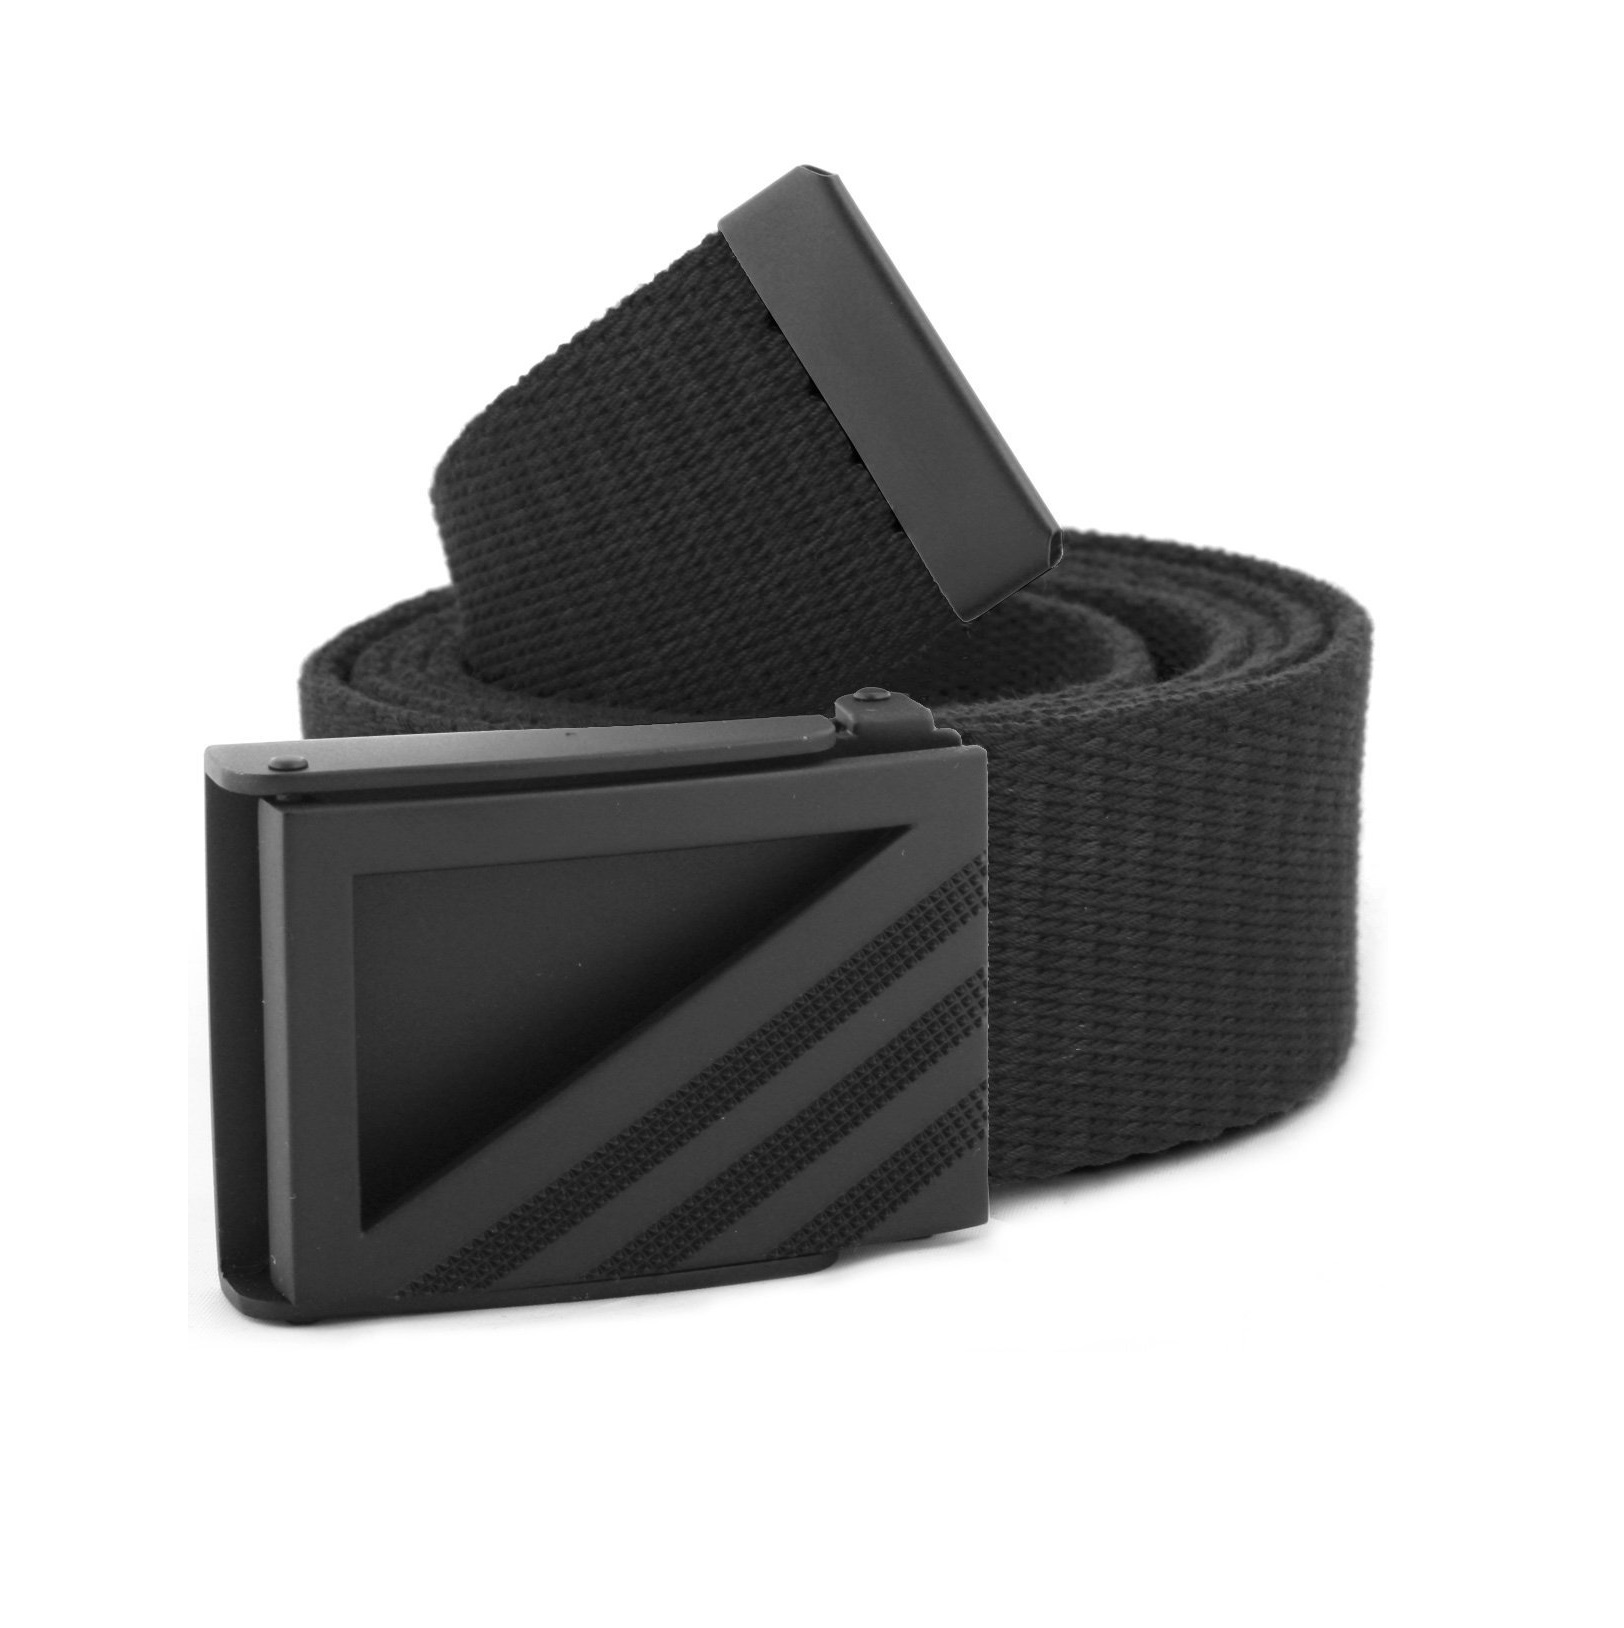 Réduction authentique ceinture adidas golf Baskets - panier-bio-cressonniere.fr.  ceinture adidas golf cbdfb538d20